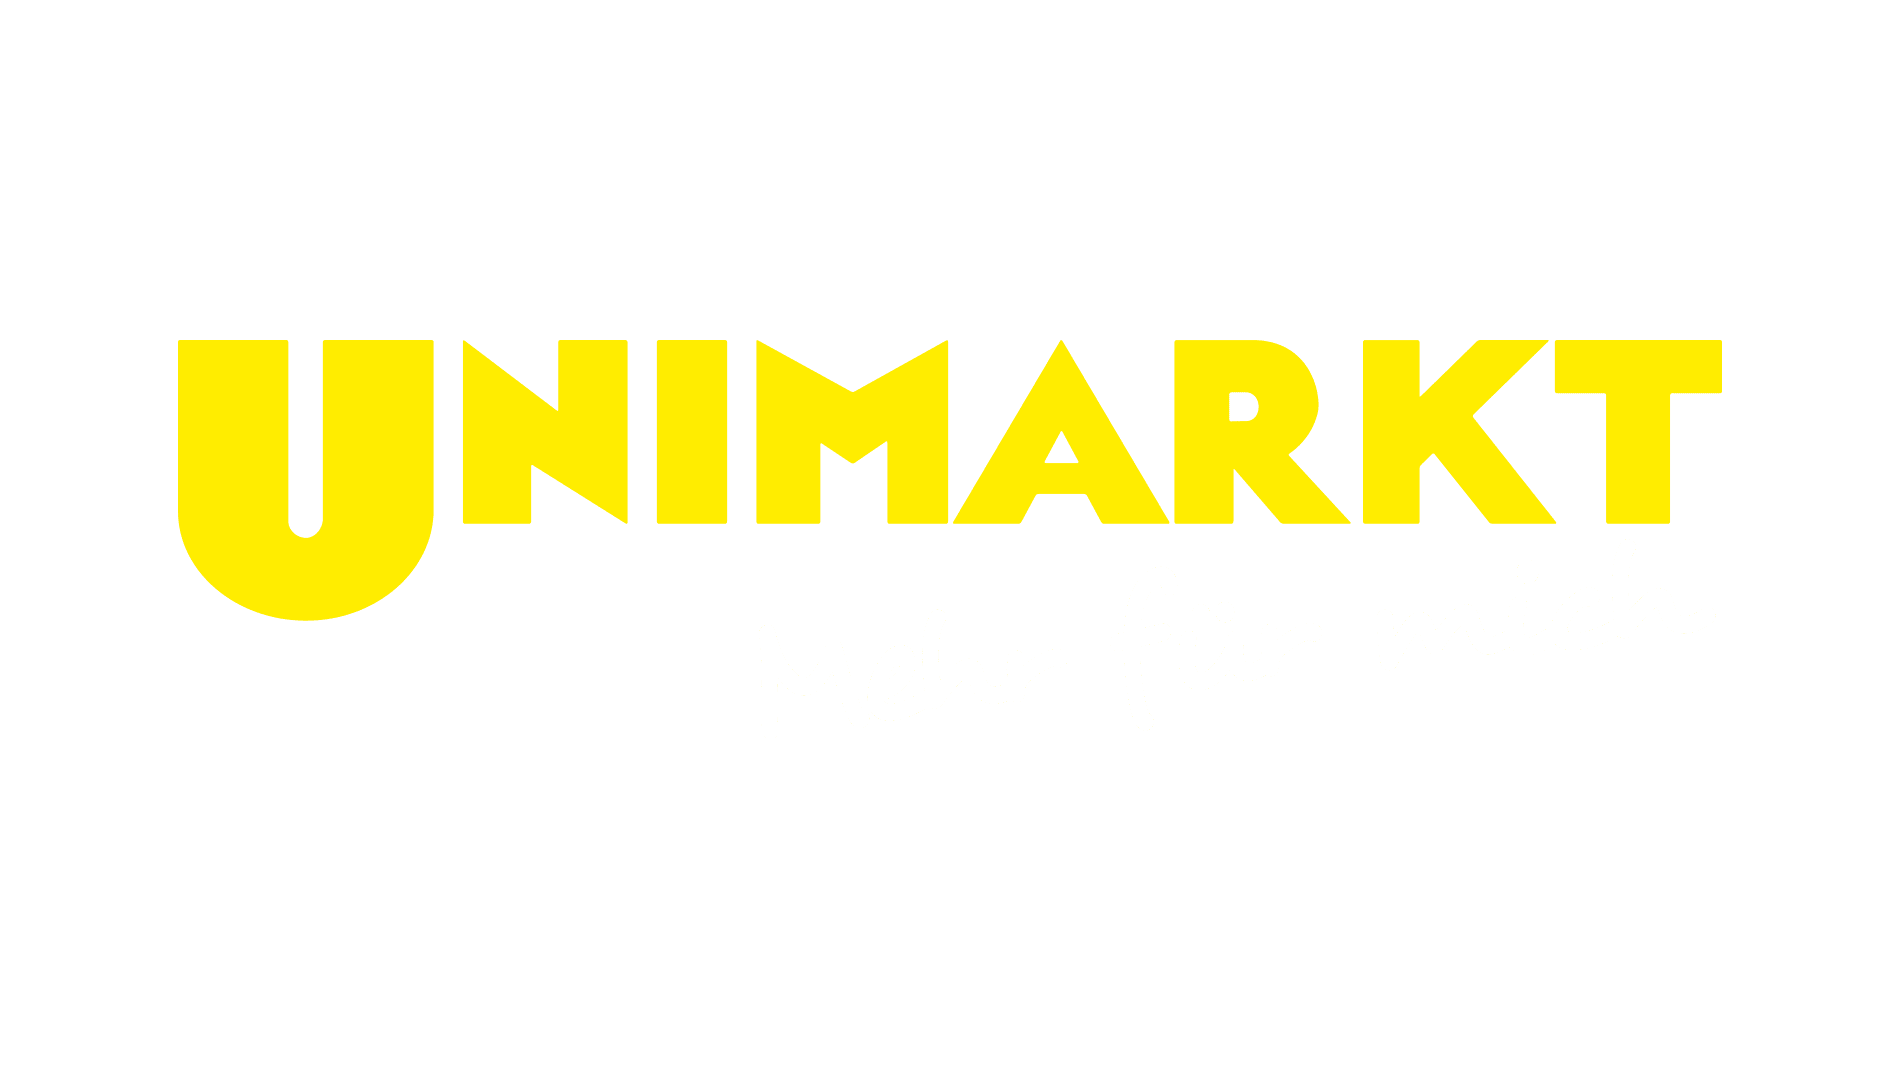 Unimarkt_bild_quer_Logo